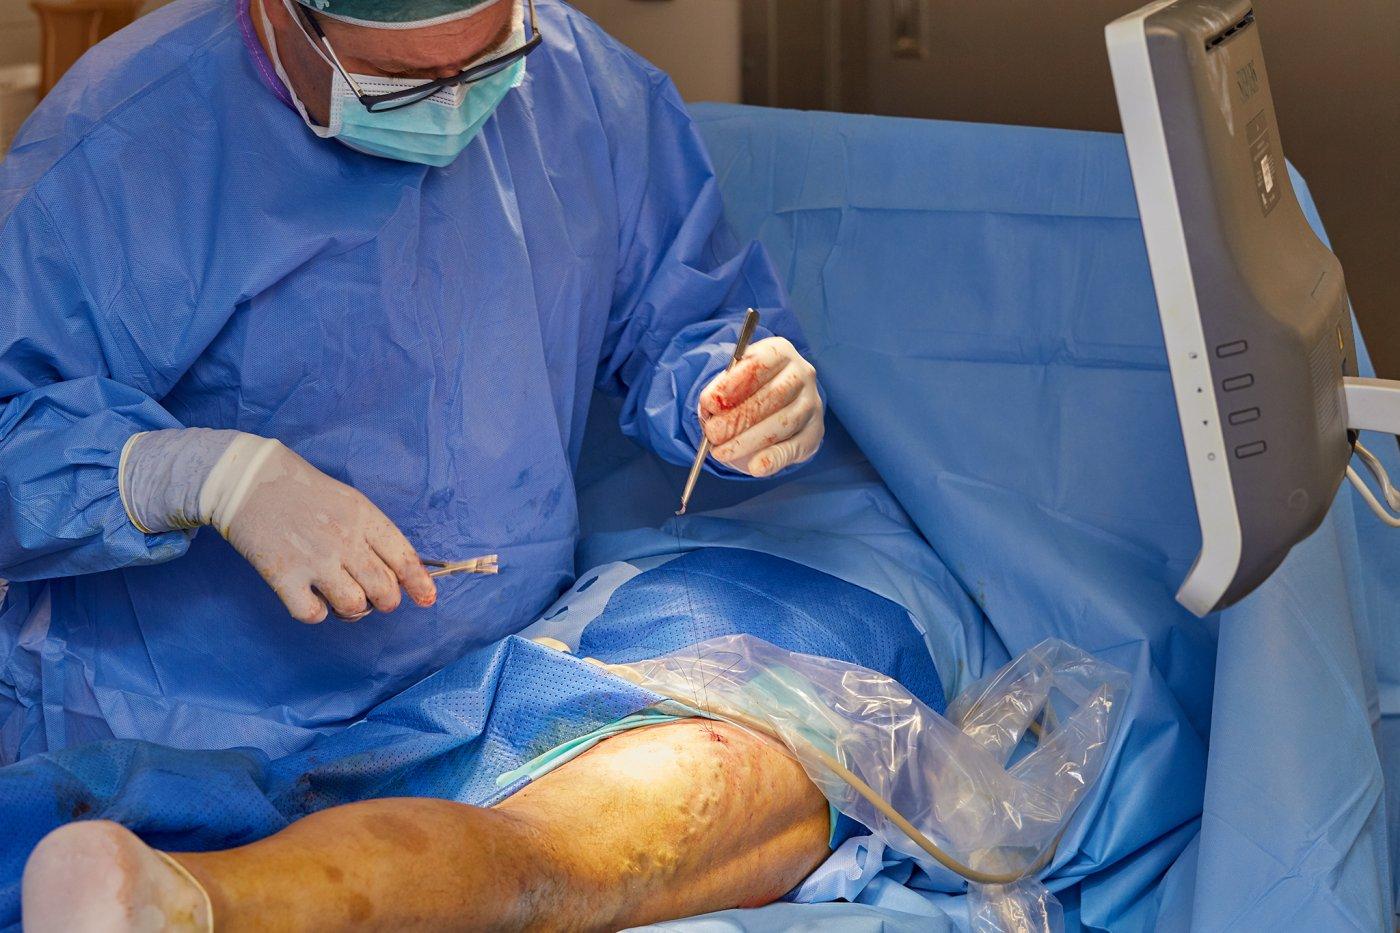 Zabieg podwiązania niewydolnego perforatora na udzie